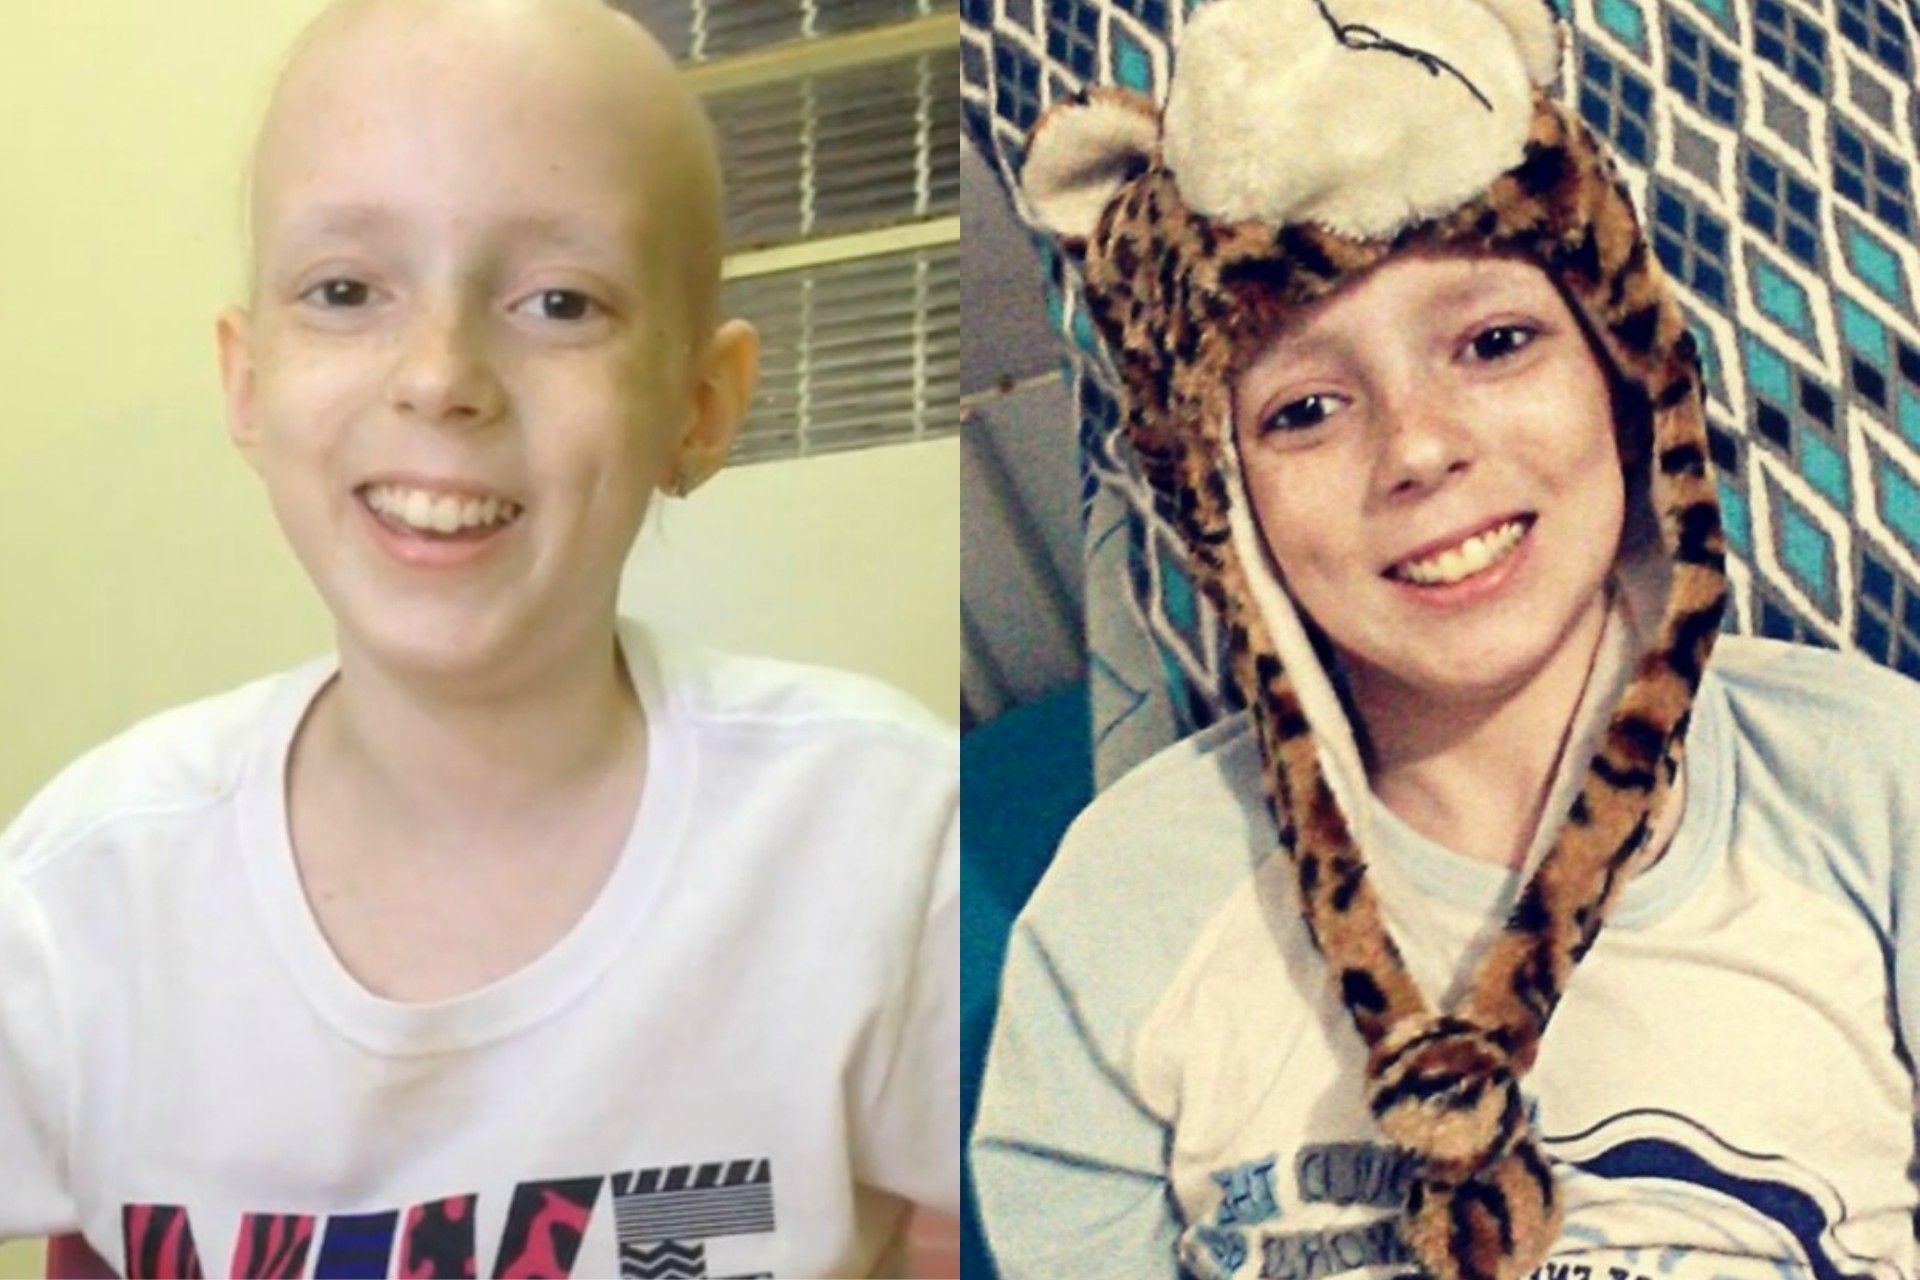 La alegría de una niña de 12 años que logró curarse de cáncer